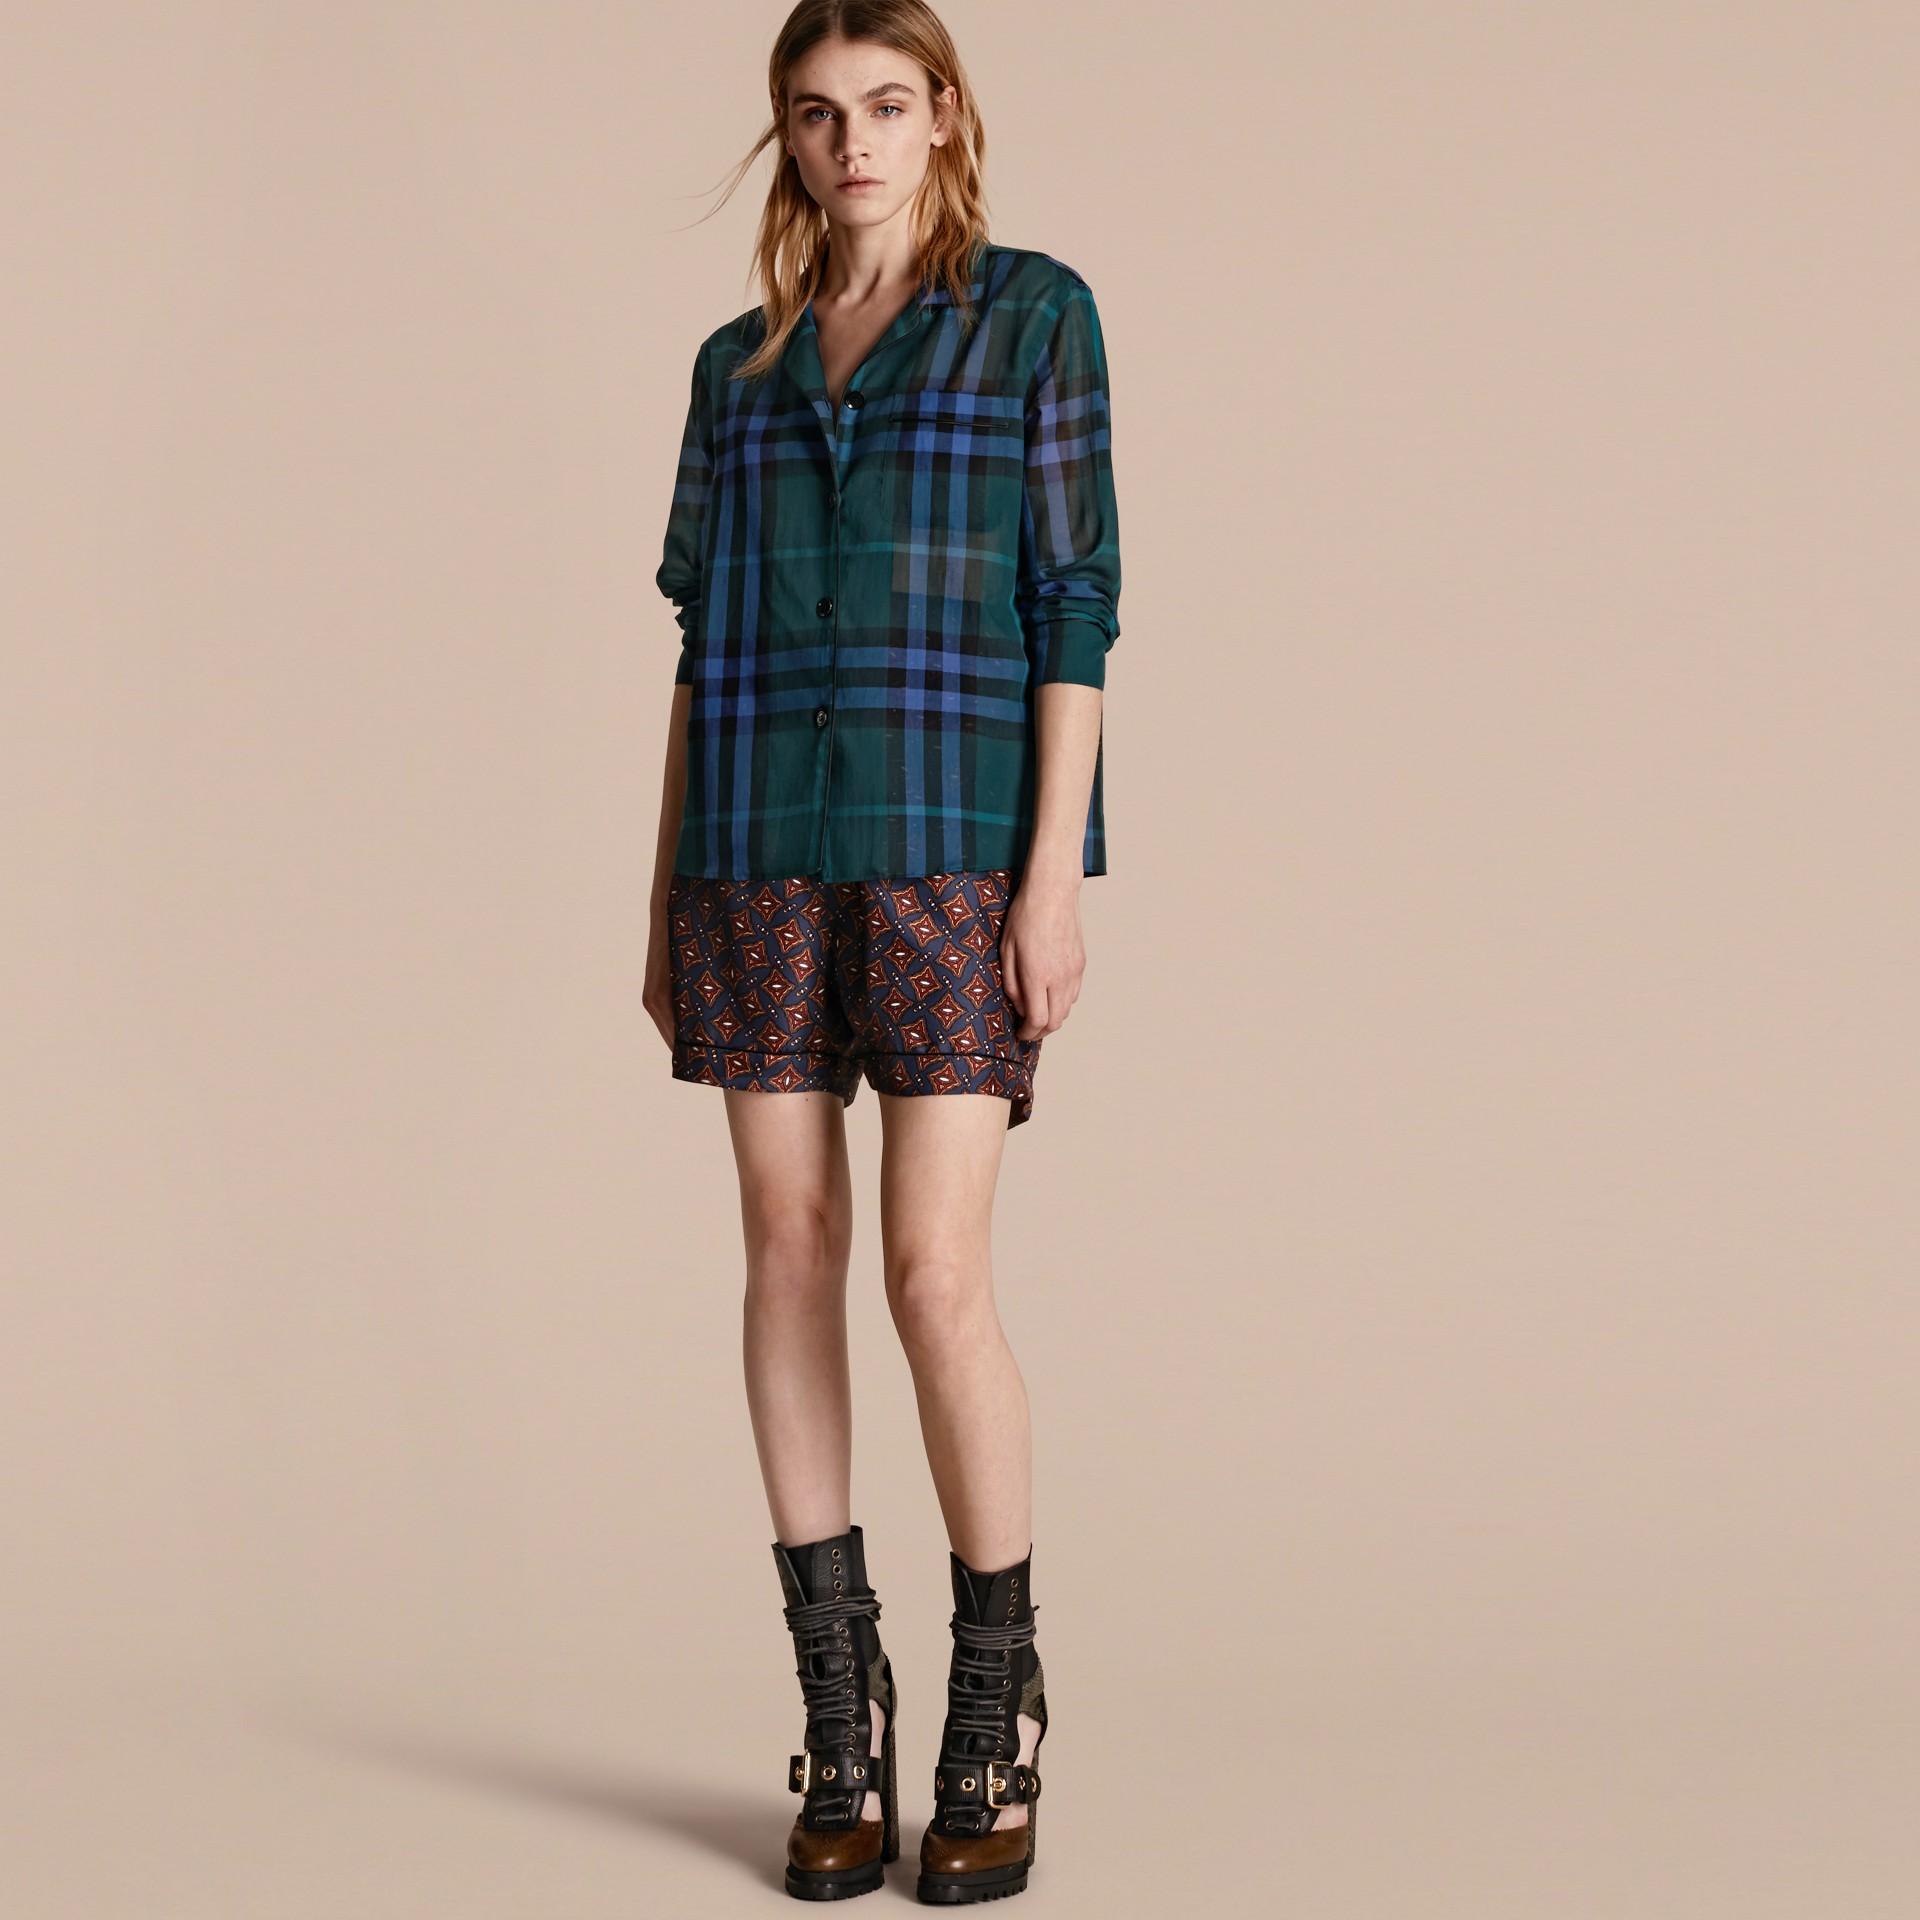 Рубашка в клетку в пижамном стиле (Темный Сине-зеленый) - Для женщин | Burberry - изображение 1